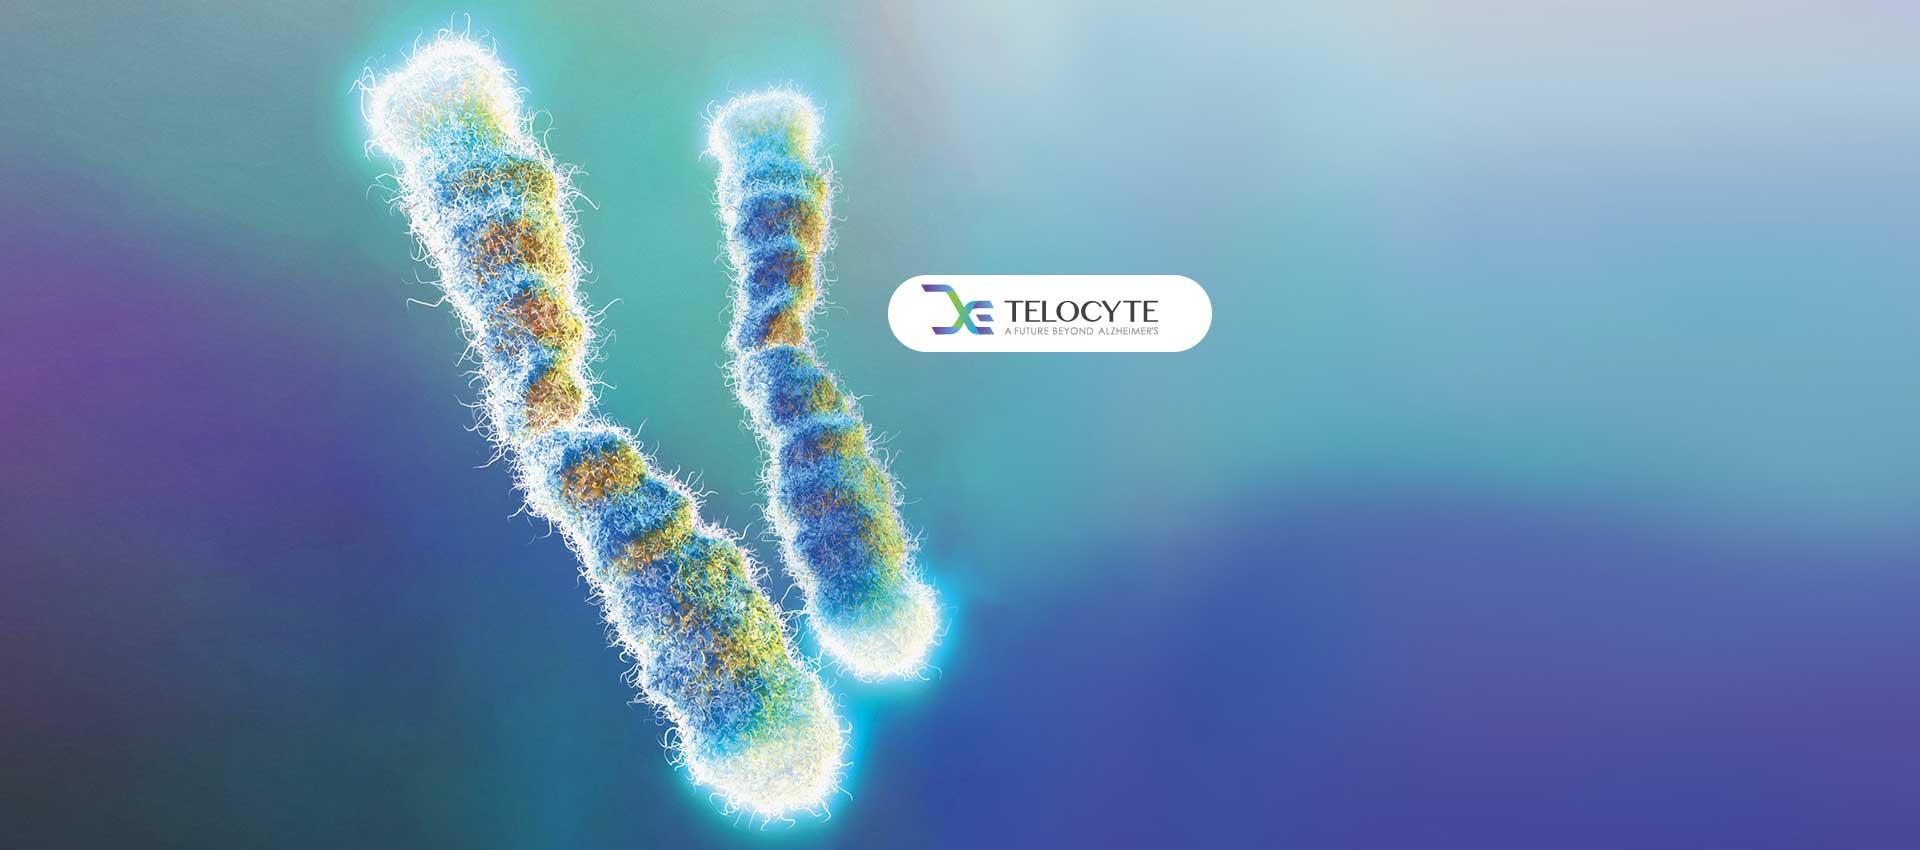 Thông tin tổng quan, khó khăn và kết quả đạt được của dự án Telocyte